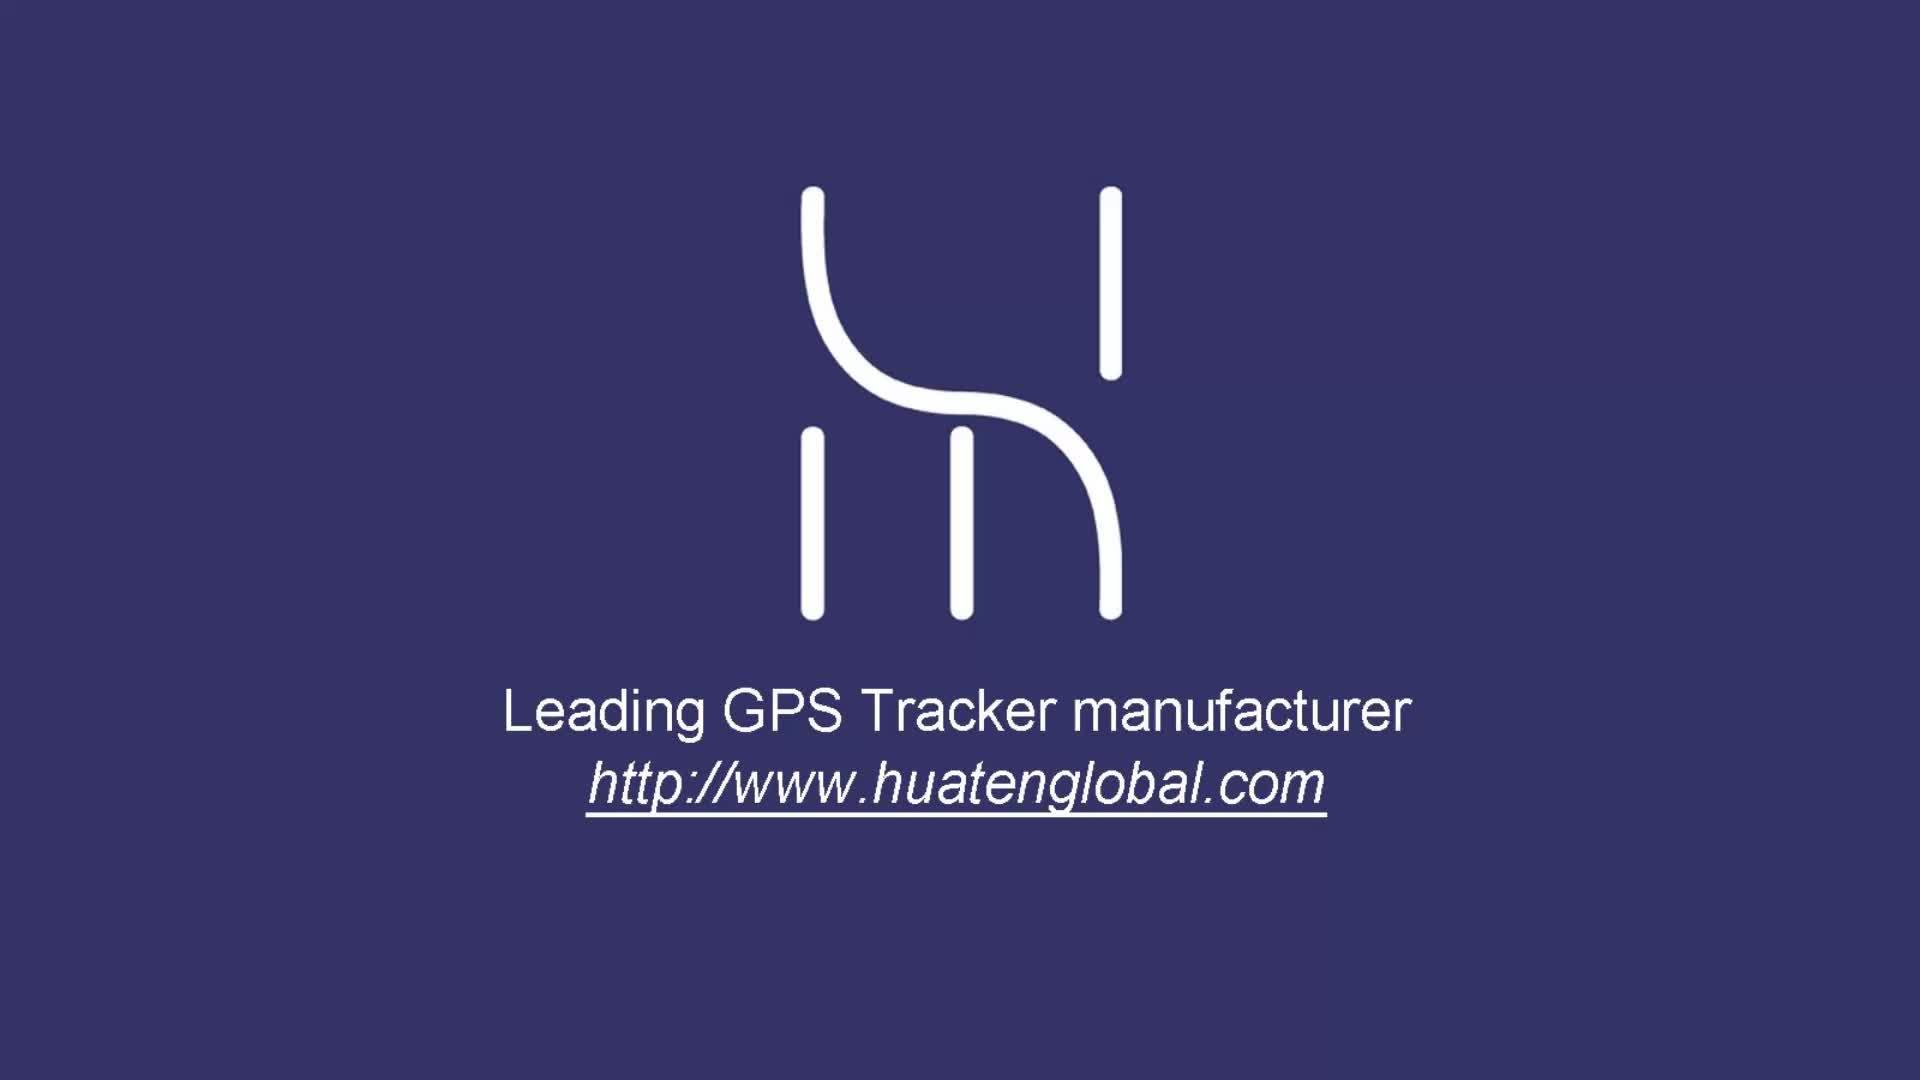 GSM GPRS starke magnetische behaupten tracker nicht installieren gps locator mit super lange standby-zeit tracking gps software T131